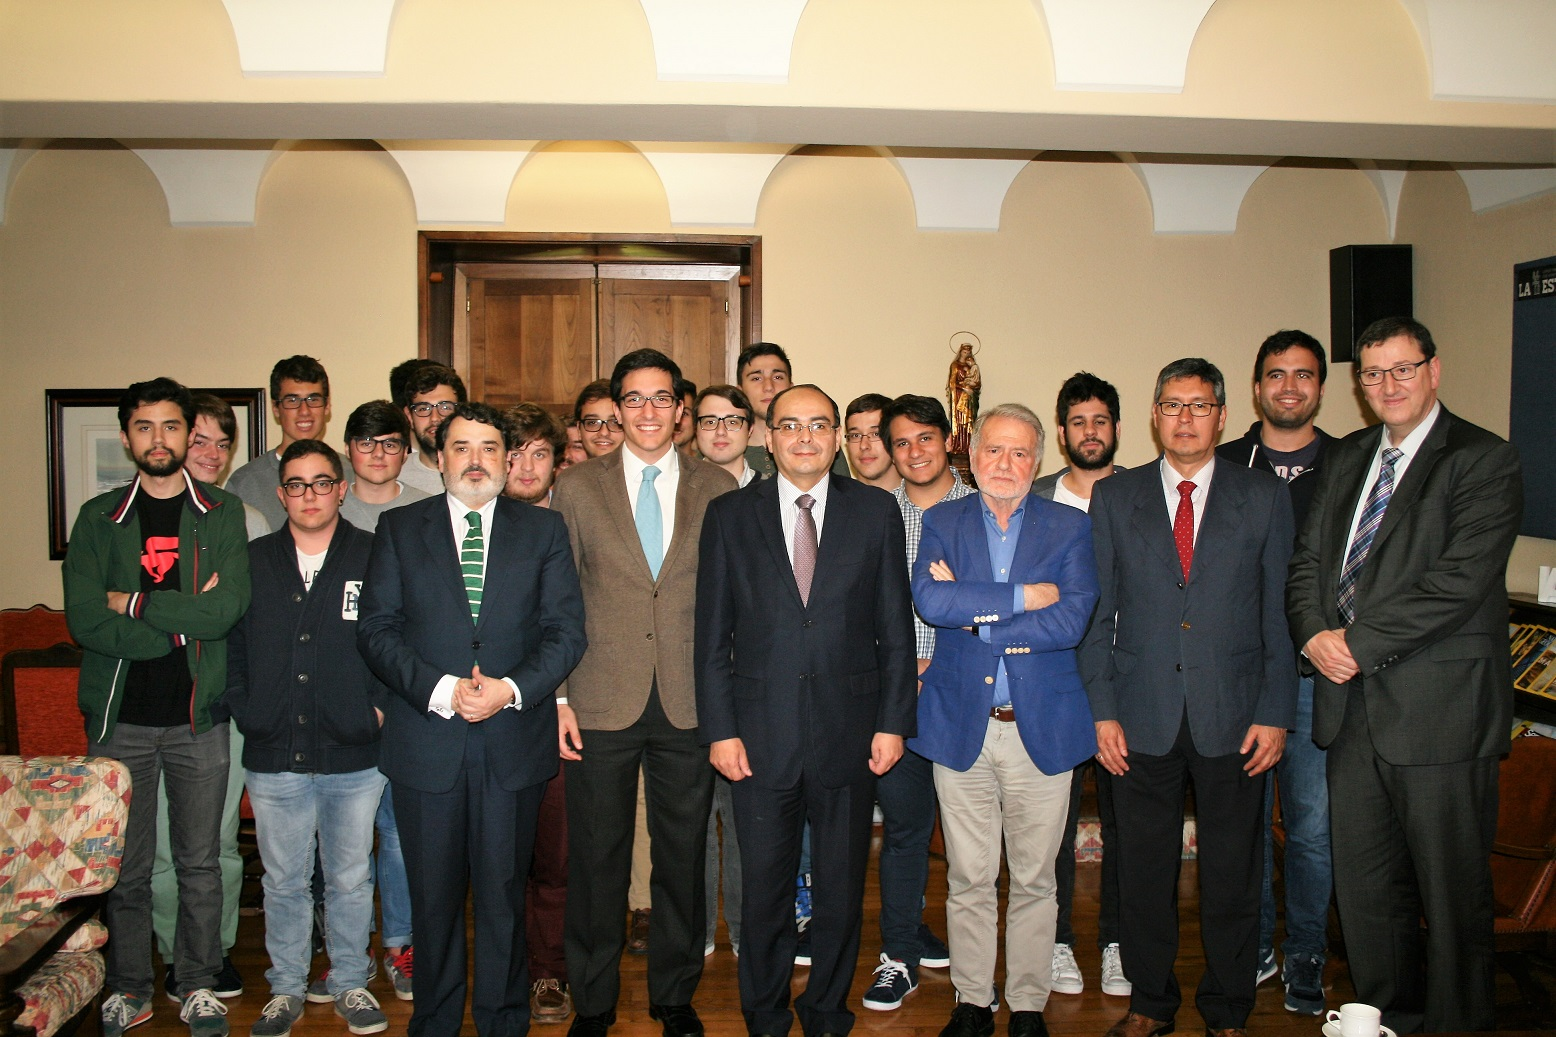 El Embajador de la República de Paraguay en España, visita el Colegio Mayor y mantiene un encuentro con universitarios